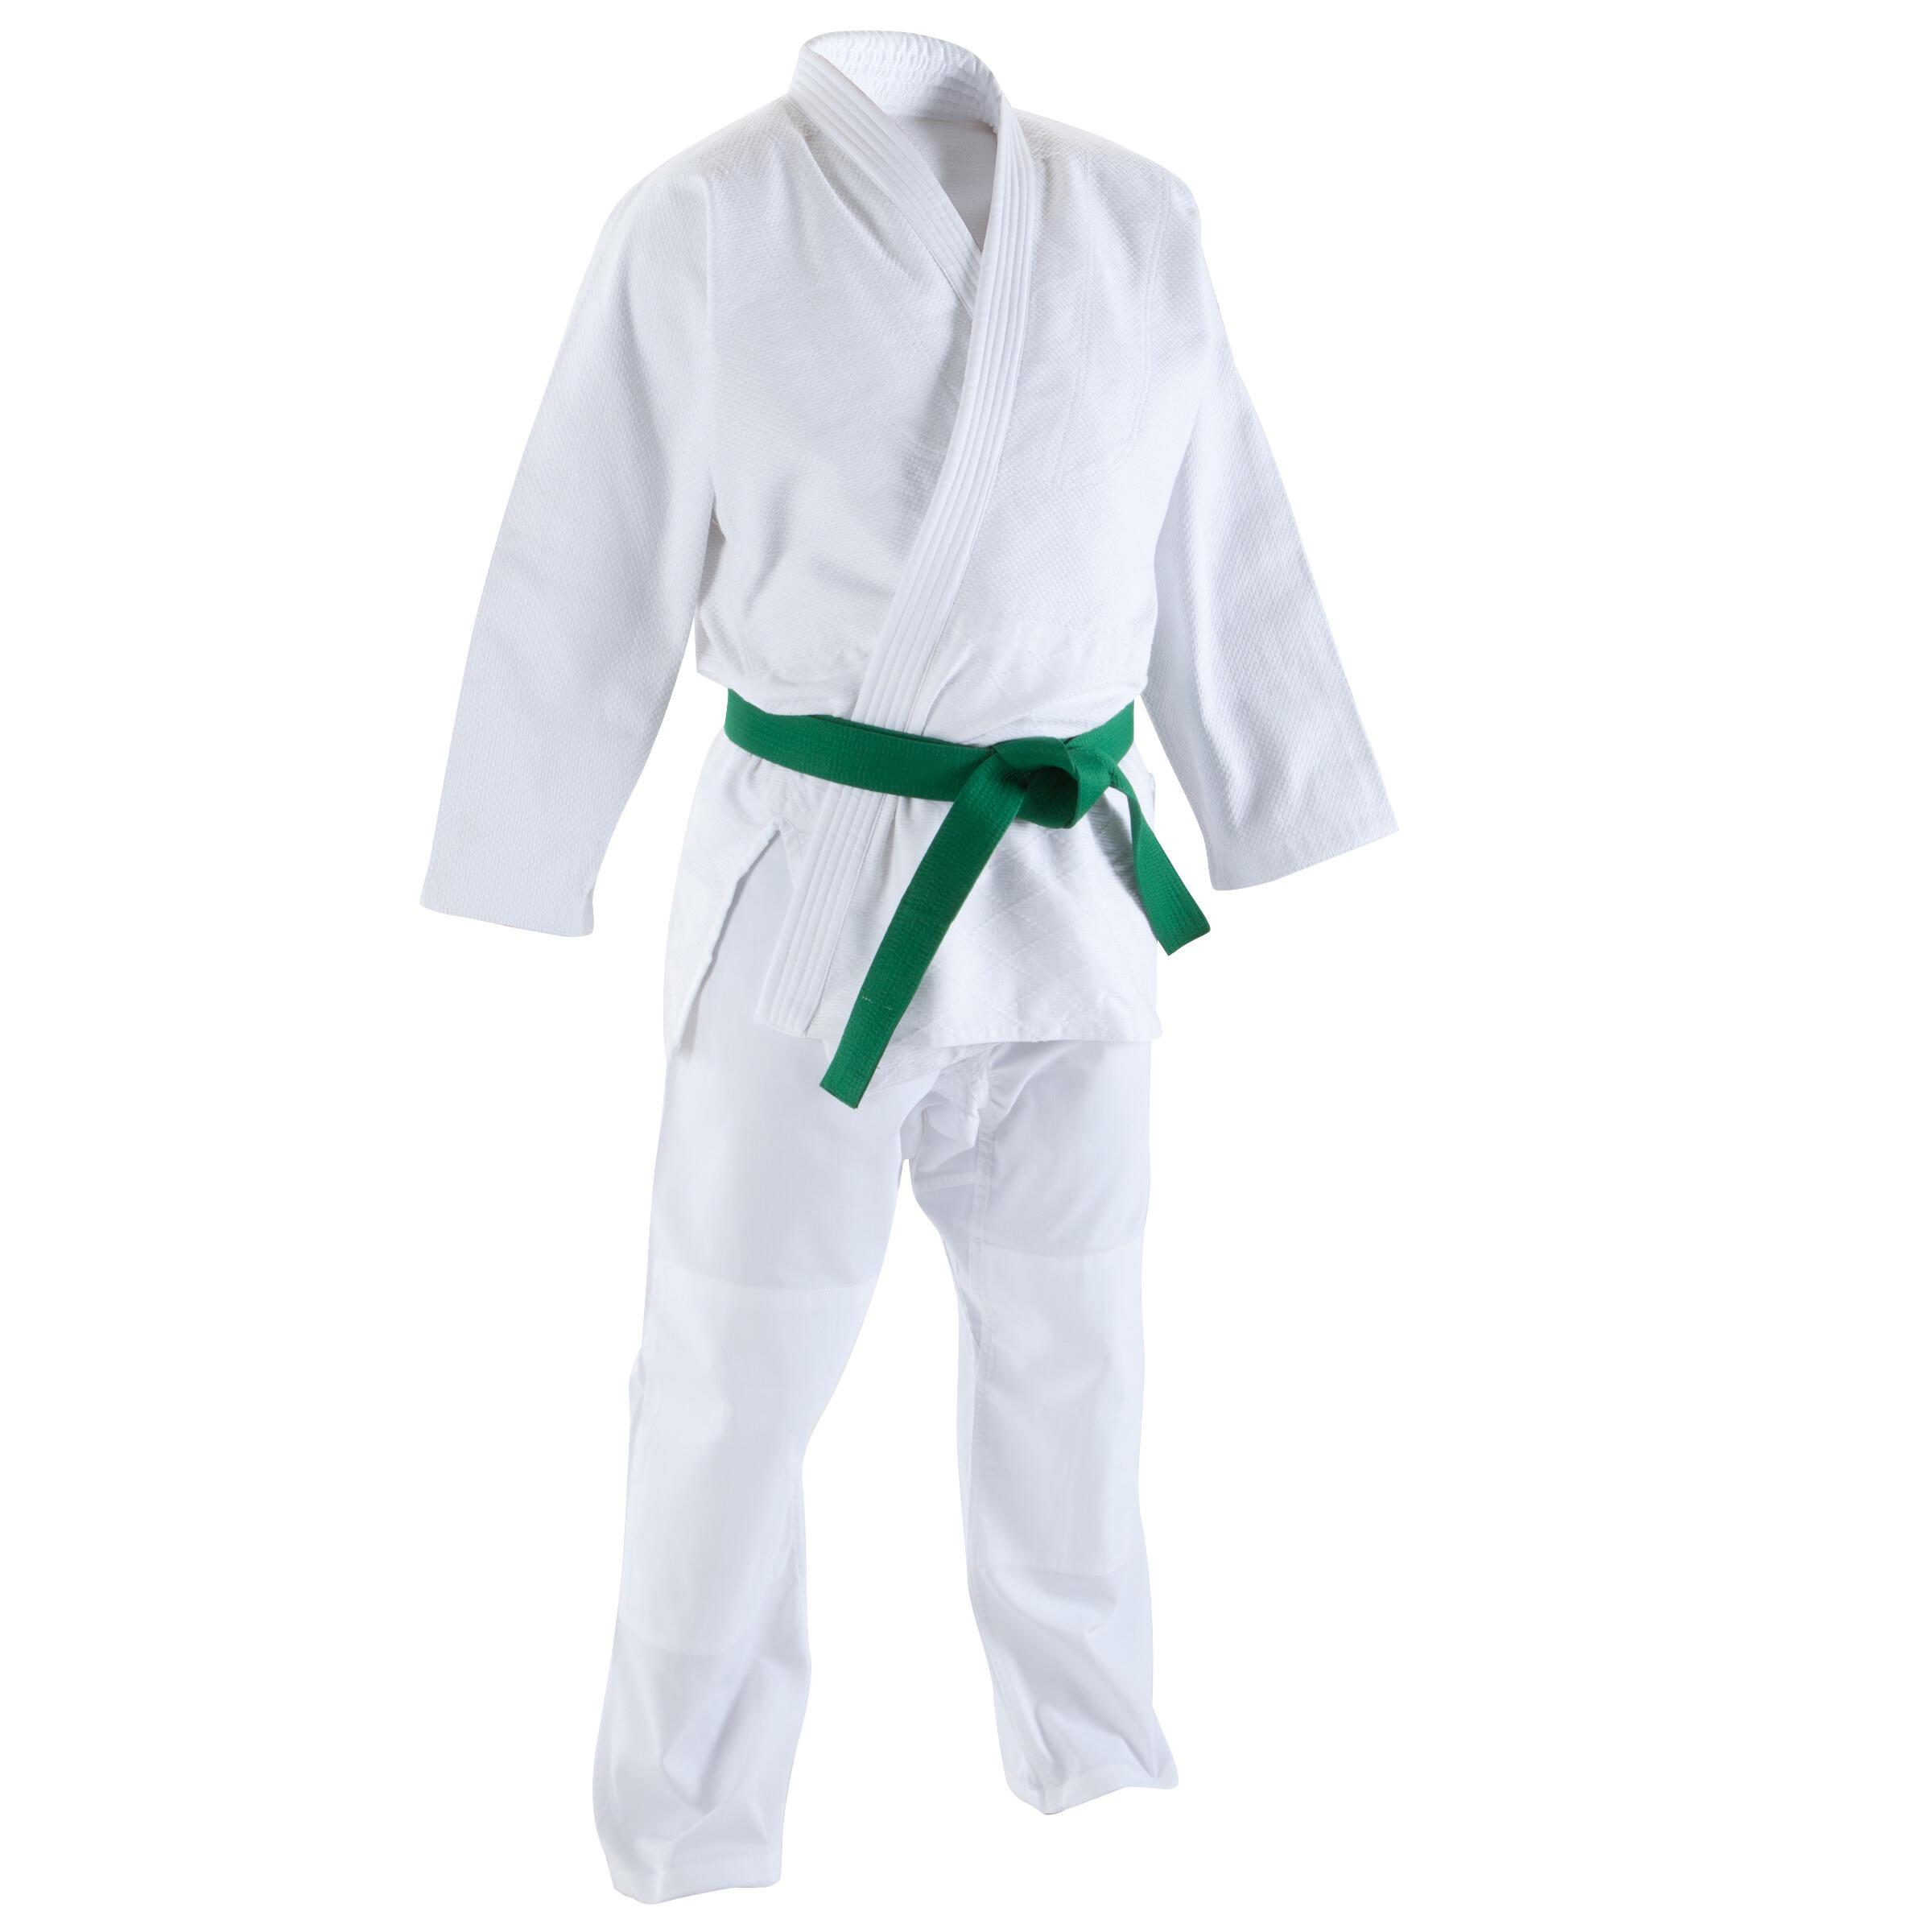 Judoanzug 440 Erwachsene | Sportbekleidung > Sportanzüge > Judoanzüge | Weiß | Outshock